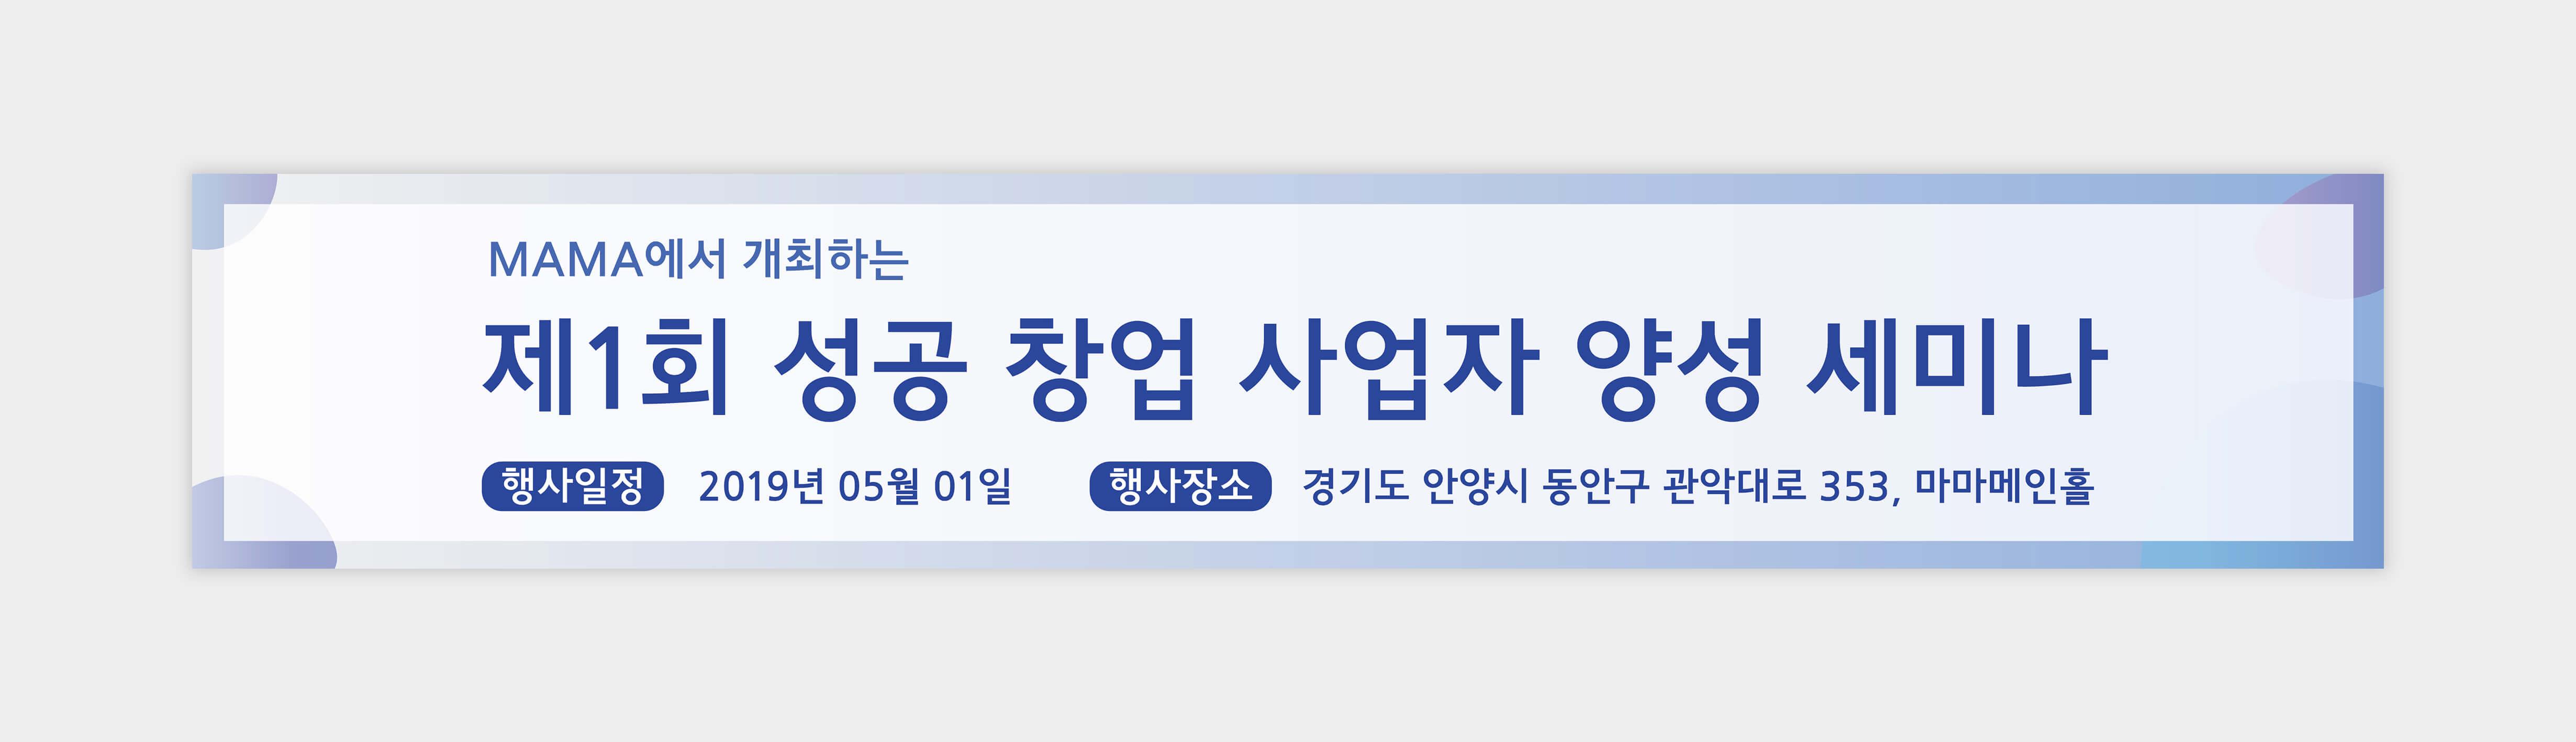 현수막_028